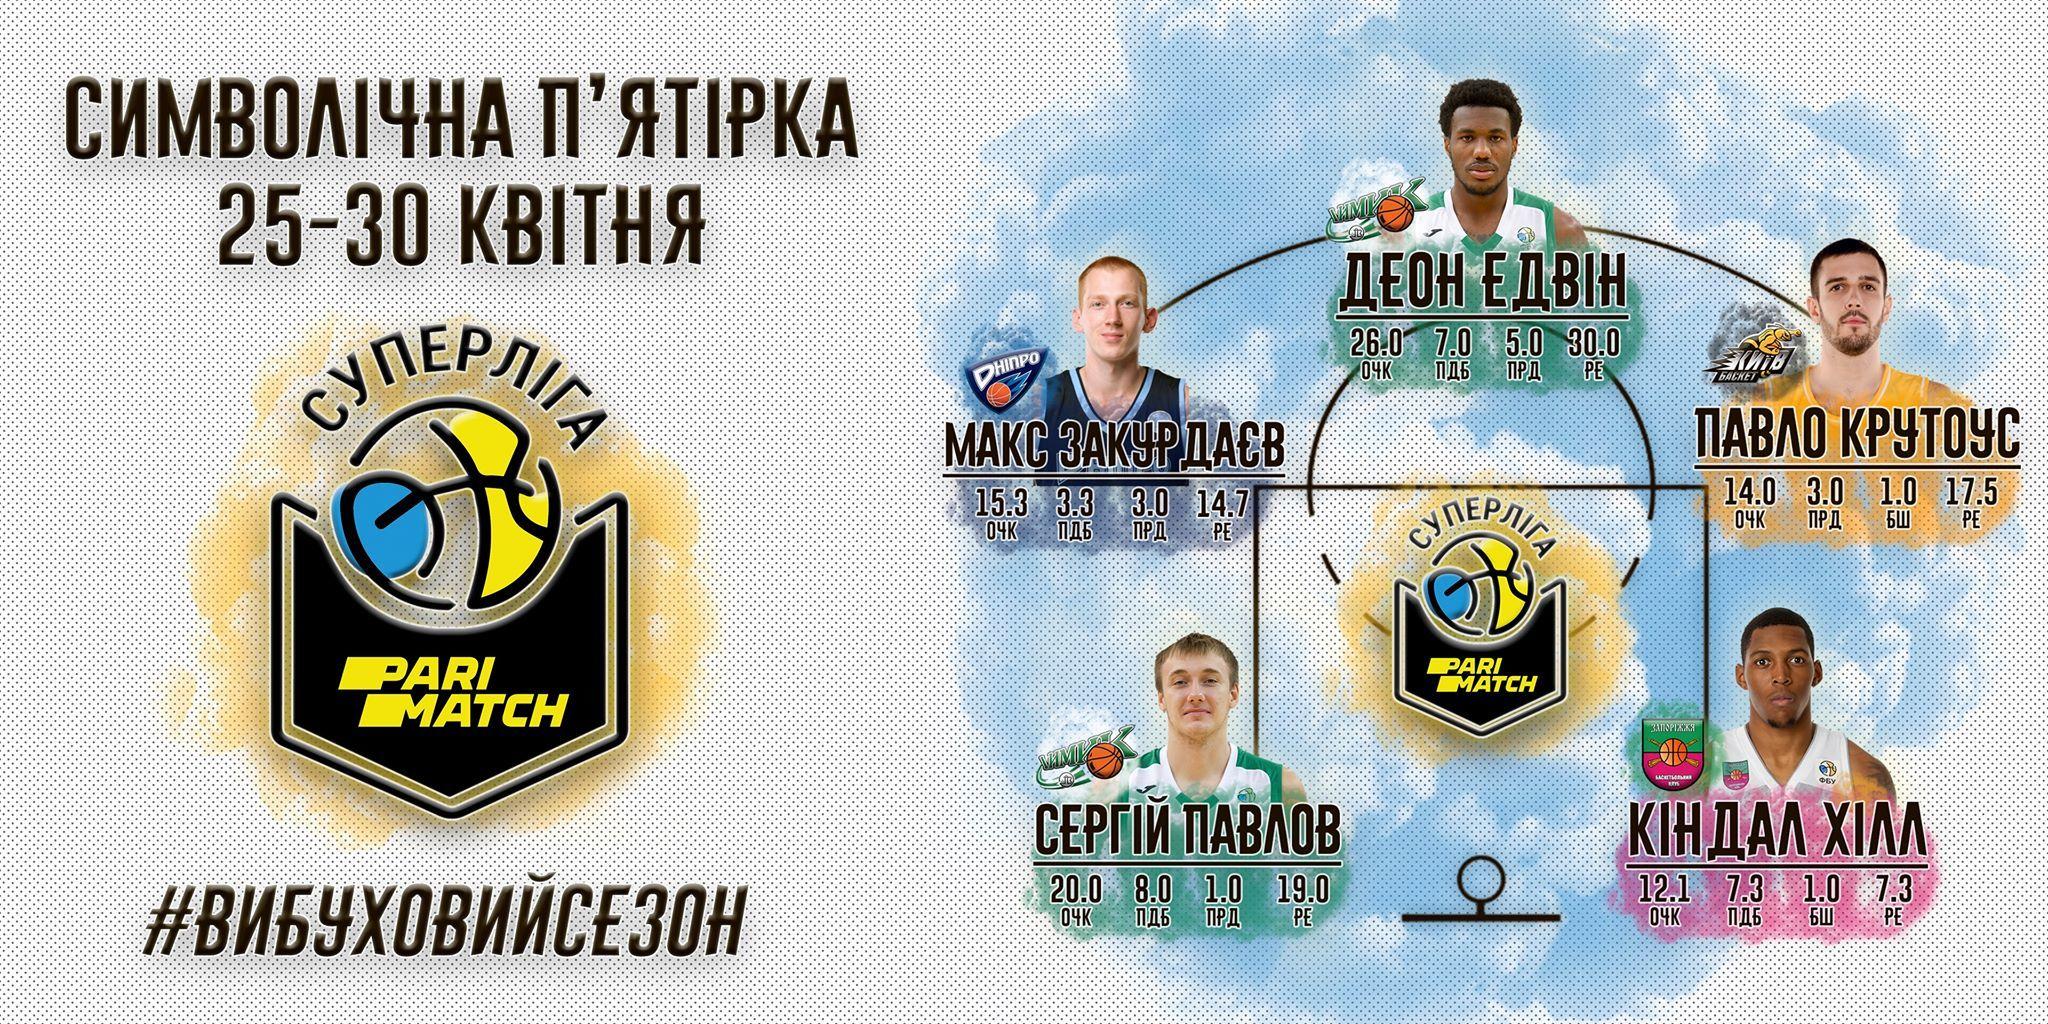 До останньої збірної сезону Суперліги Парі-Матч увійшли гравці 4 клубів